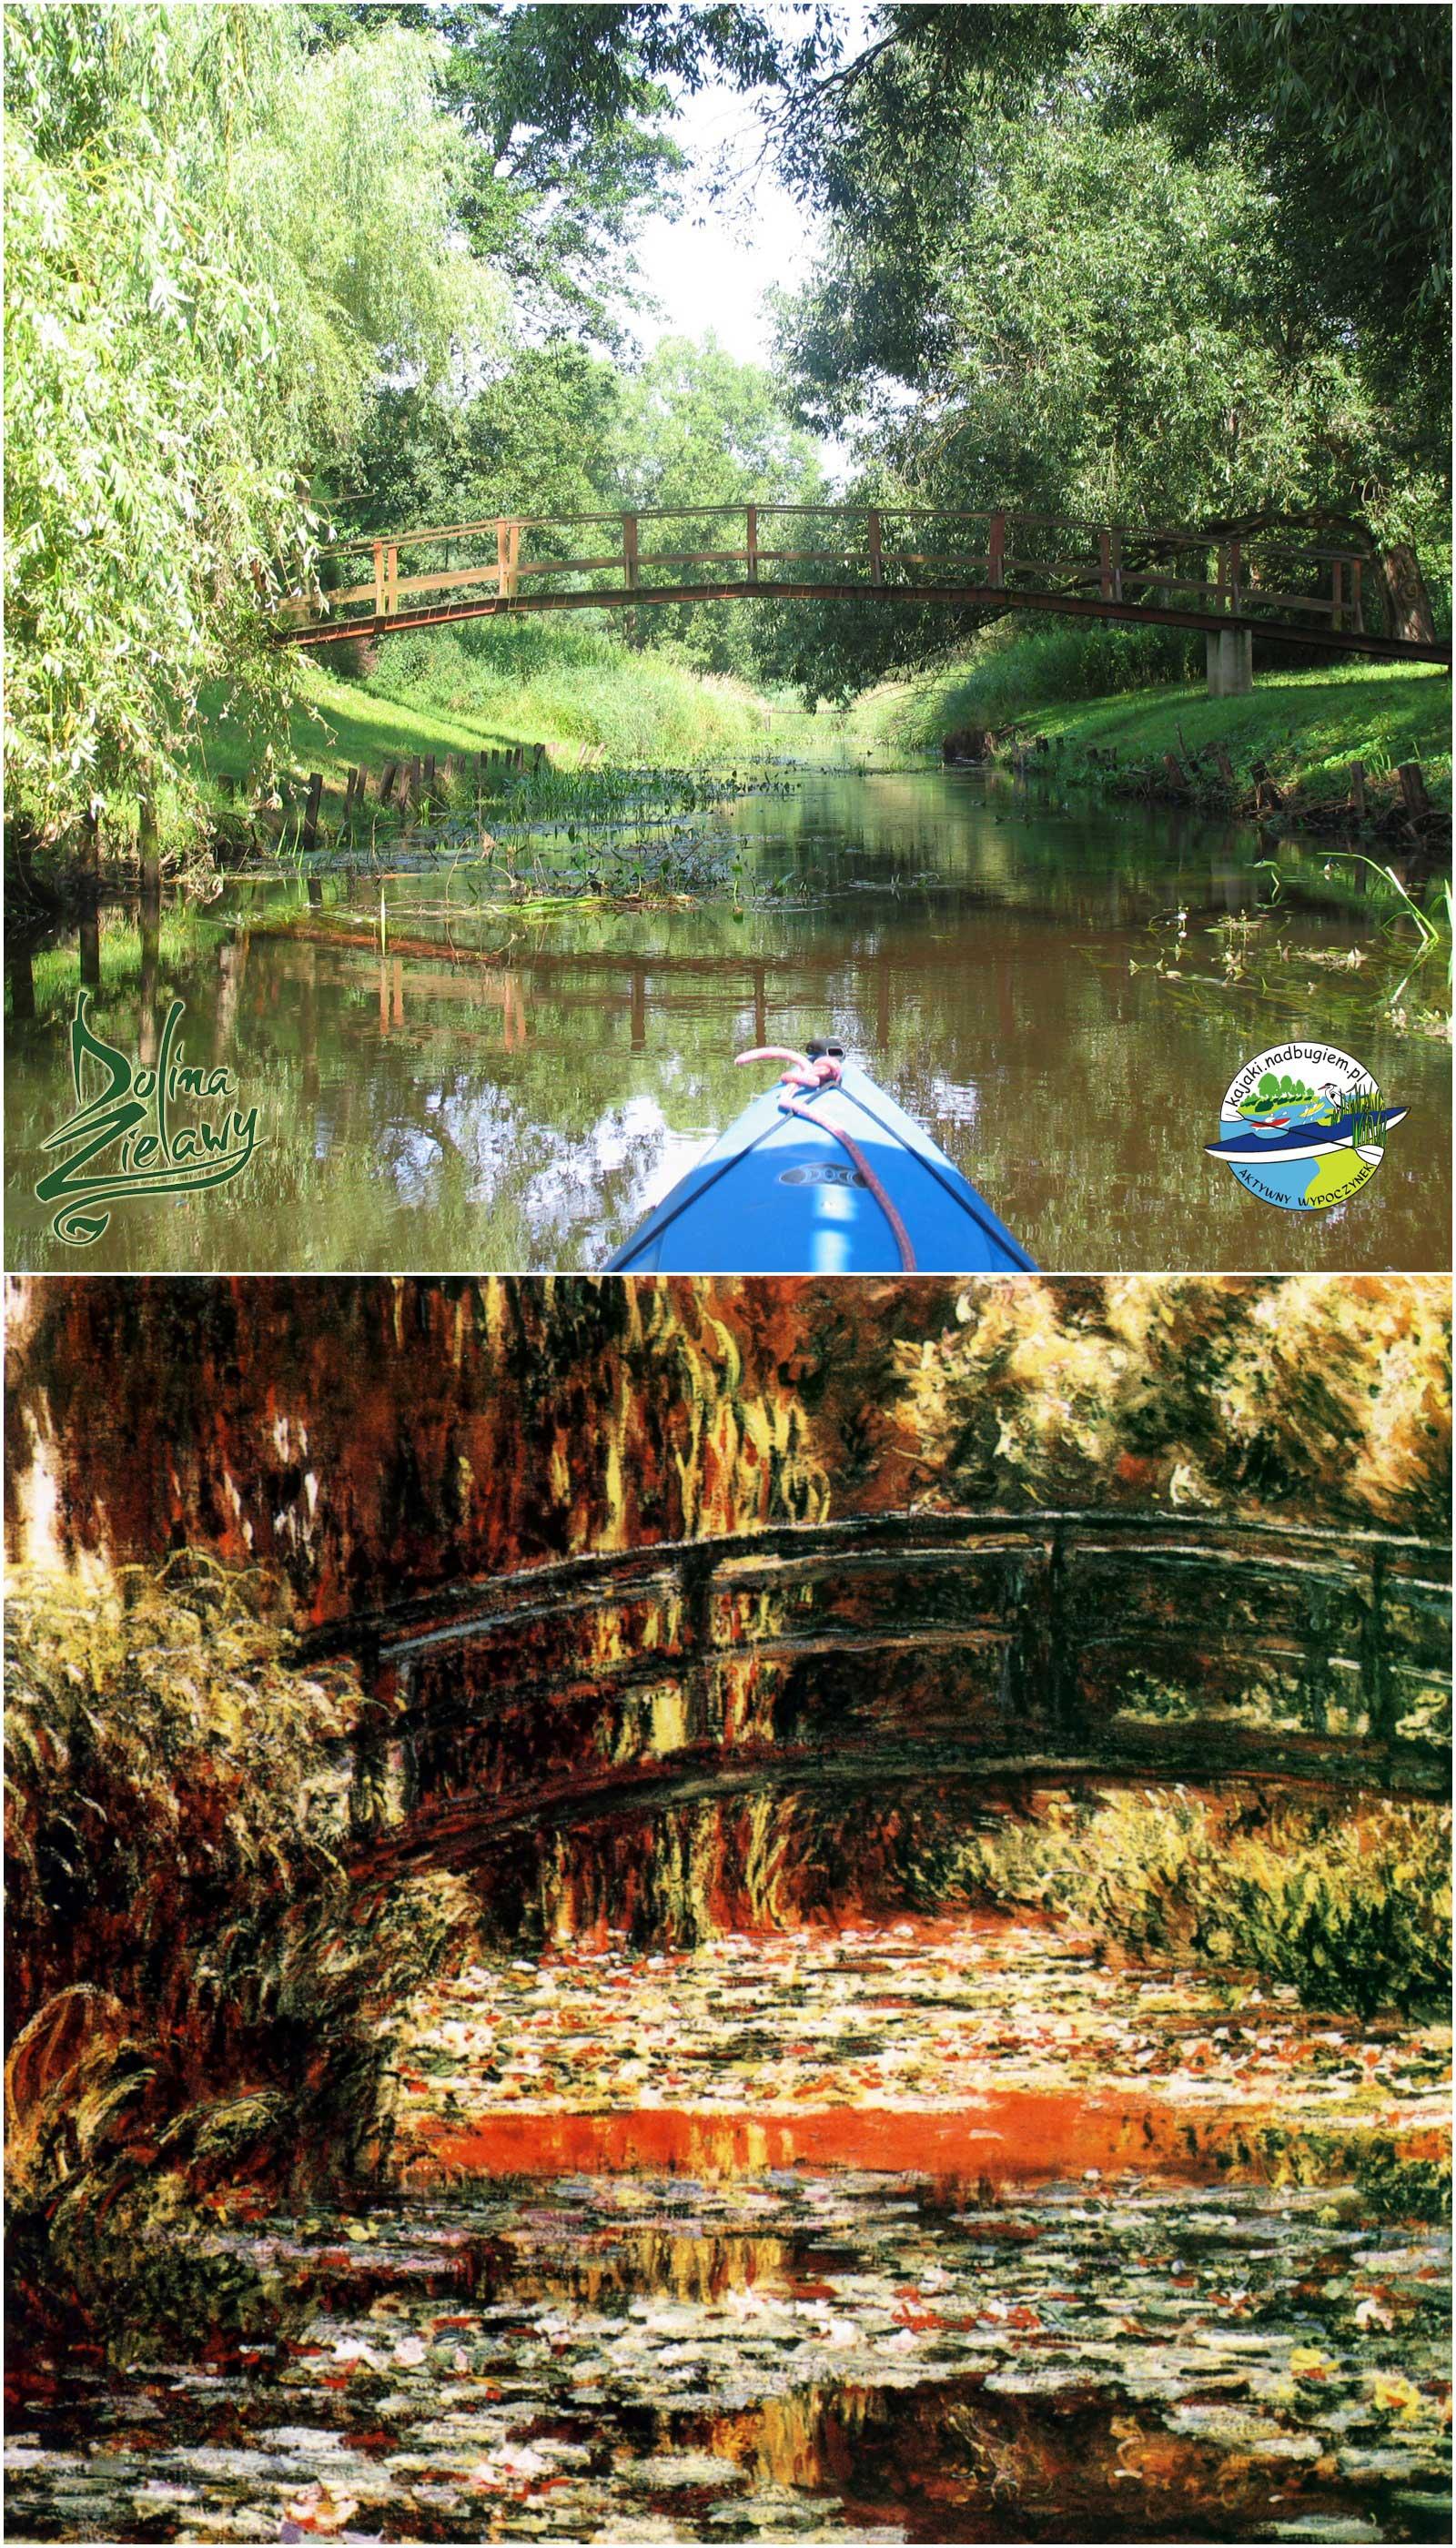 Bardzo piękny widok na mostek podczas spływu kajakowego po Zielawie.